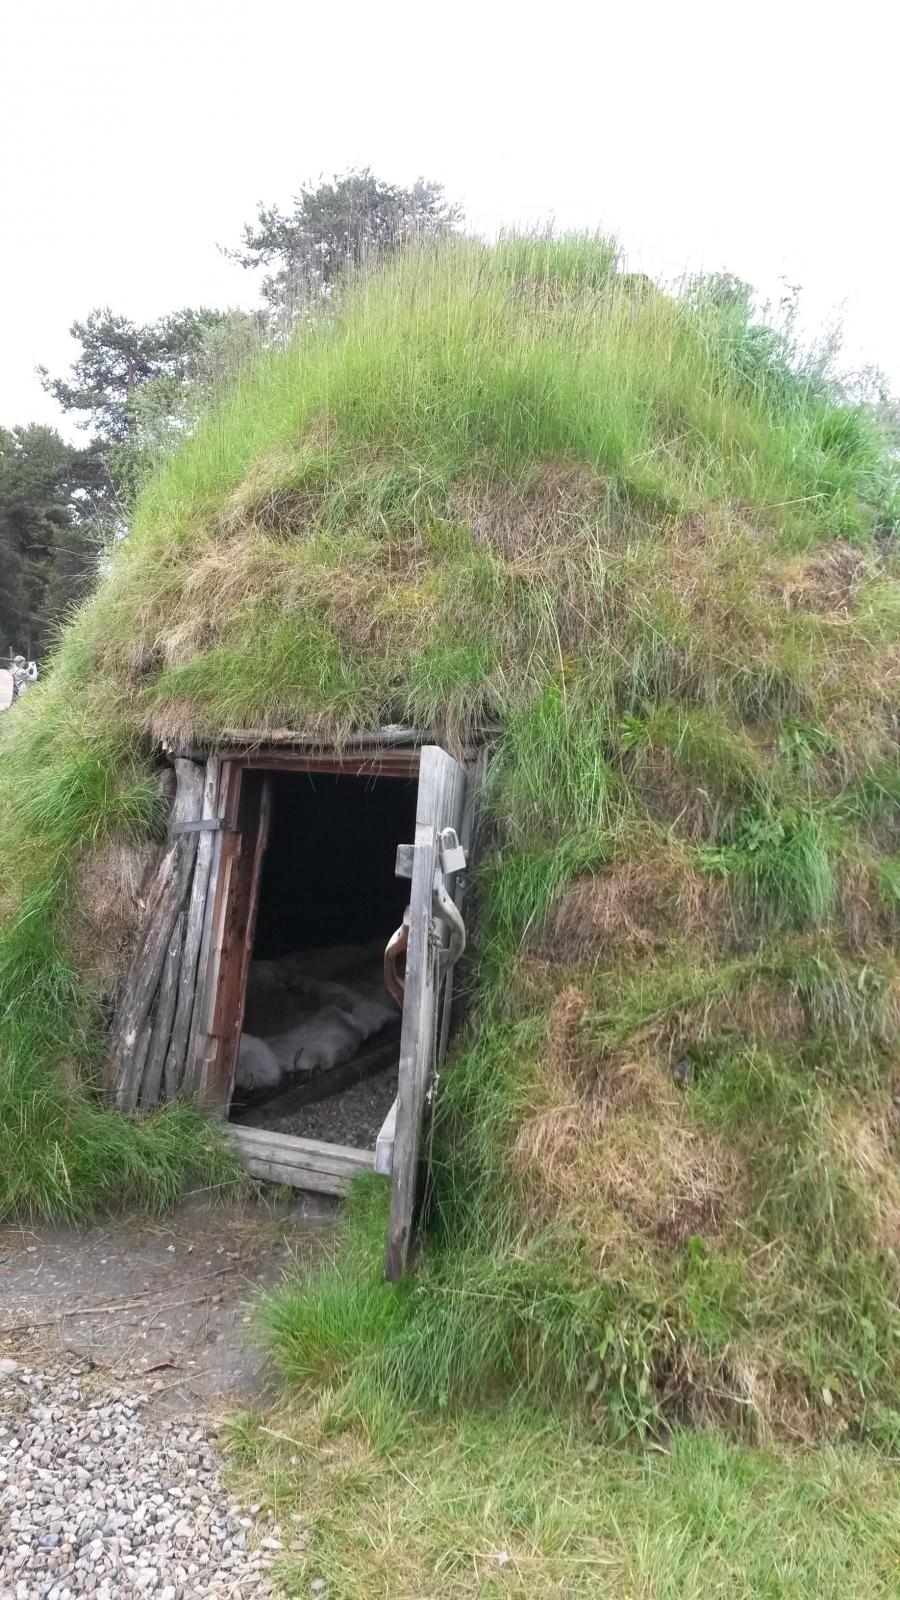 Еще одно жилище коренных жителей Норвегии